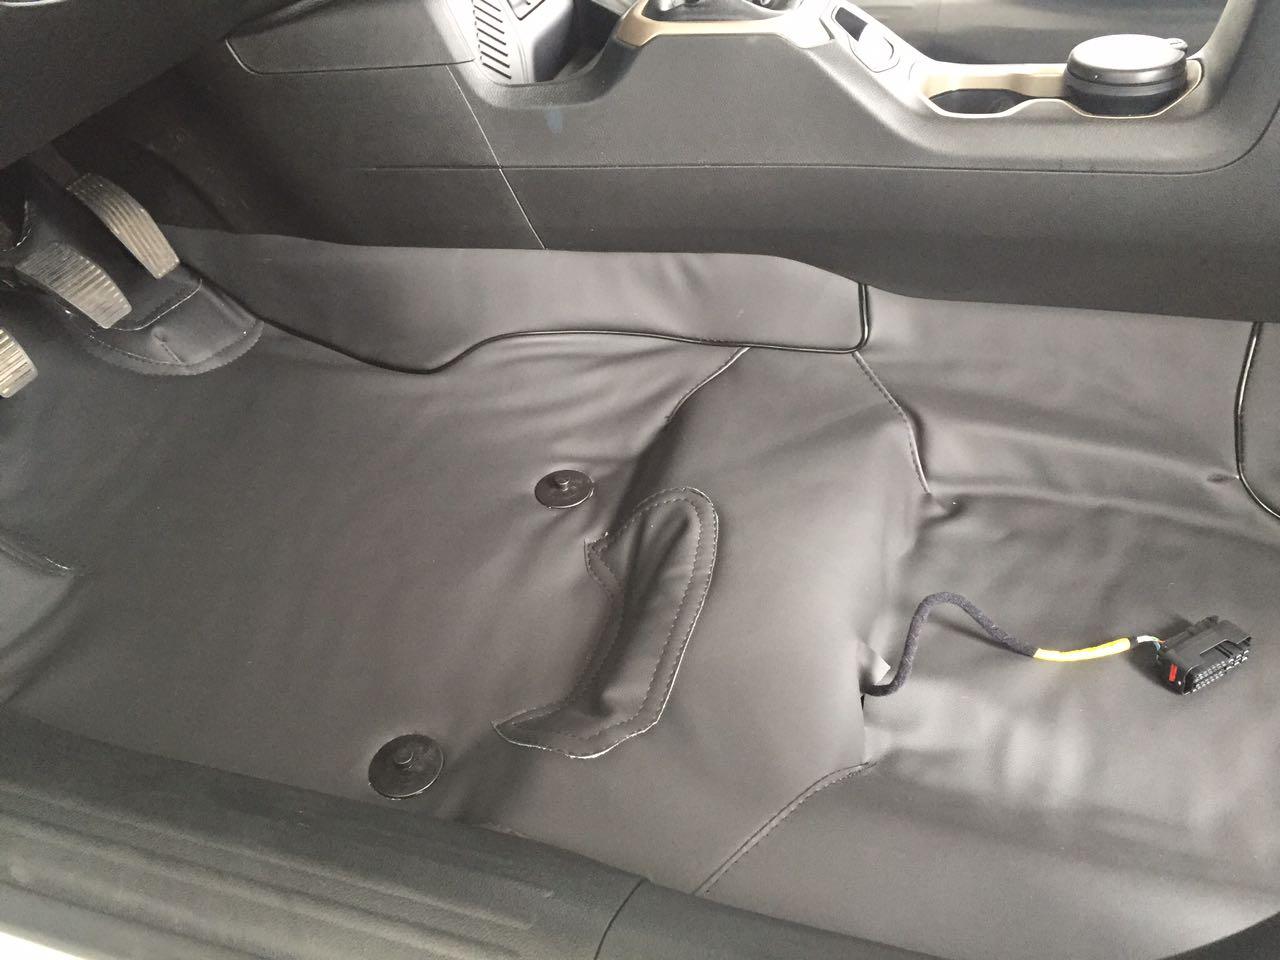 Forro Super Luxo Automotivo Assoalho Para VW GOL BOLA 2 PORTAS GRAFITE